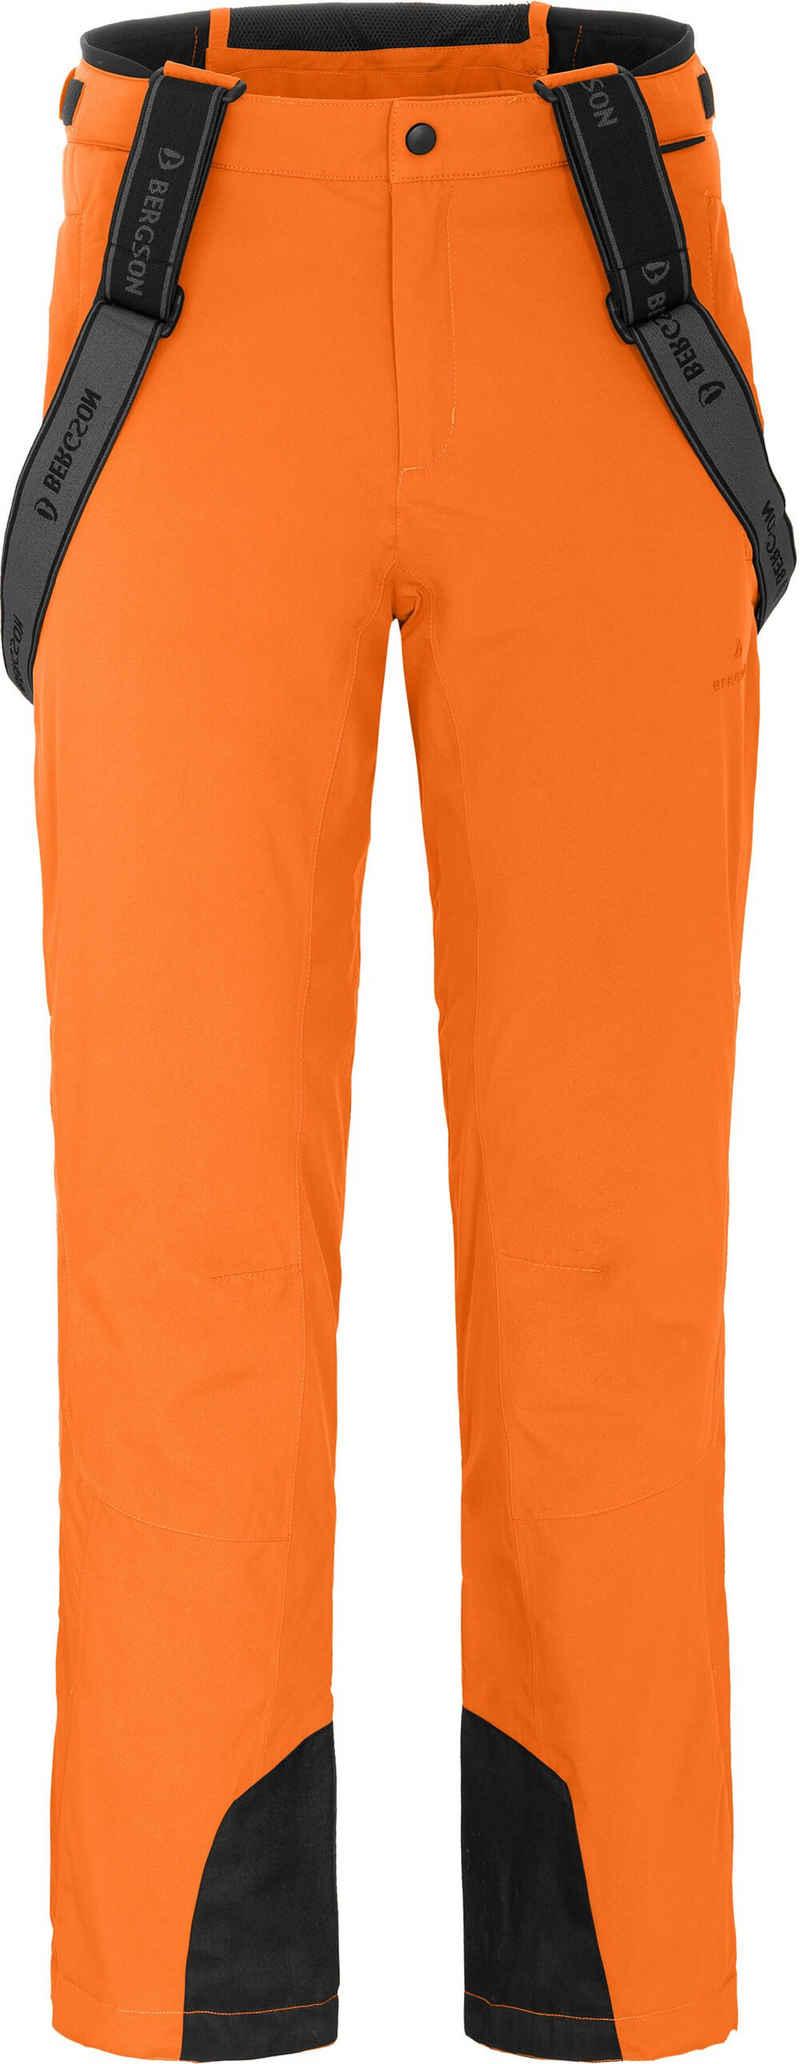 Bergson Skihose »FLEX light« Herren Skihose, unwattiert, 20000mm Wassersäule, Normalgrößen, orange